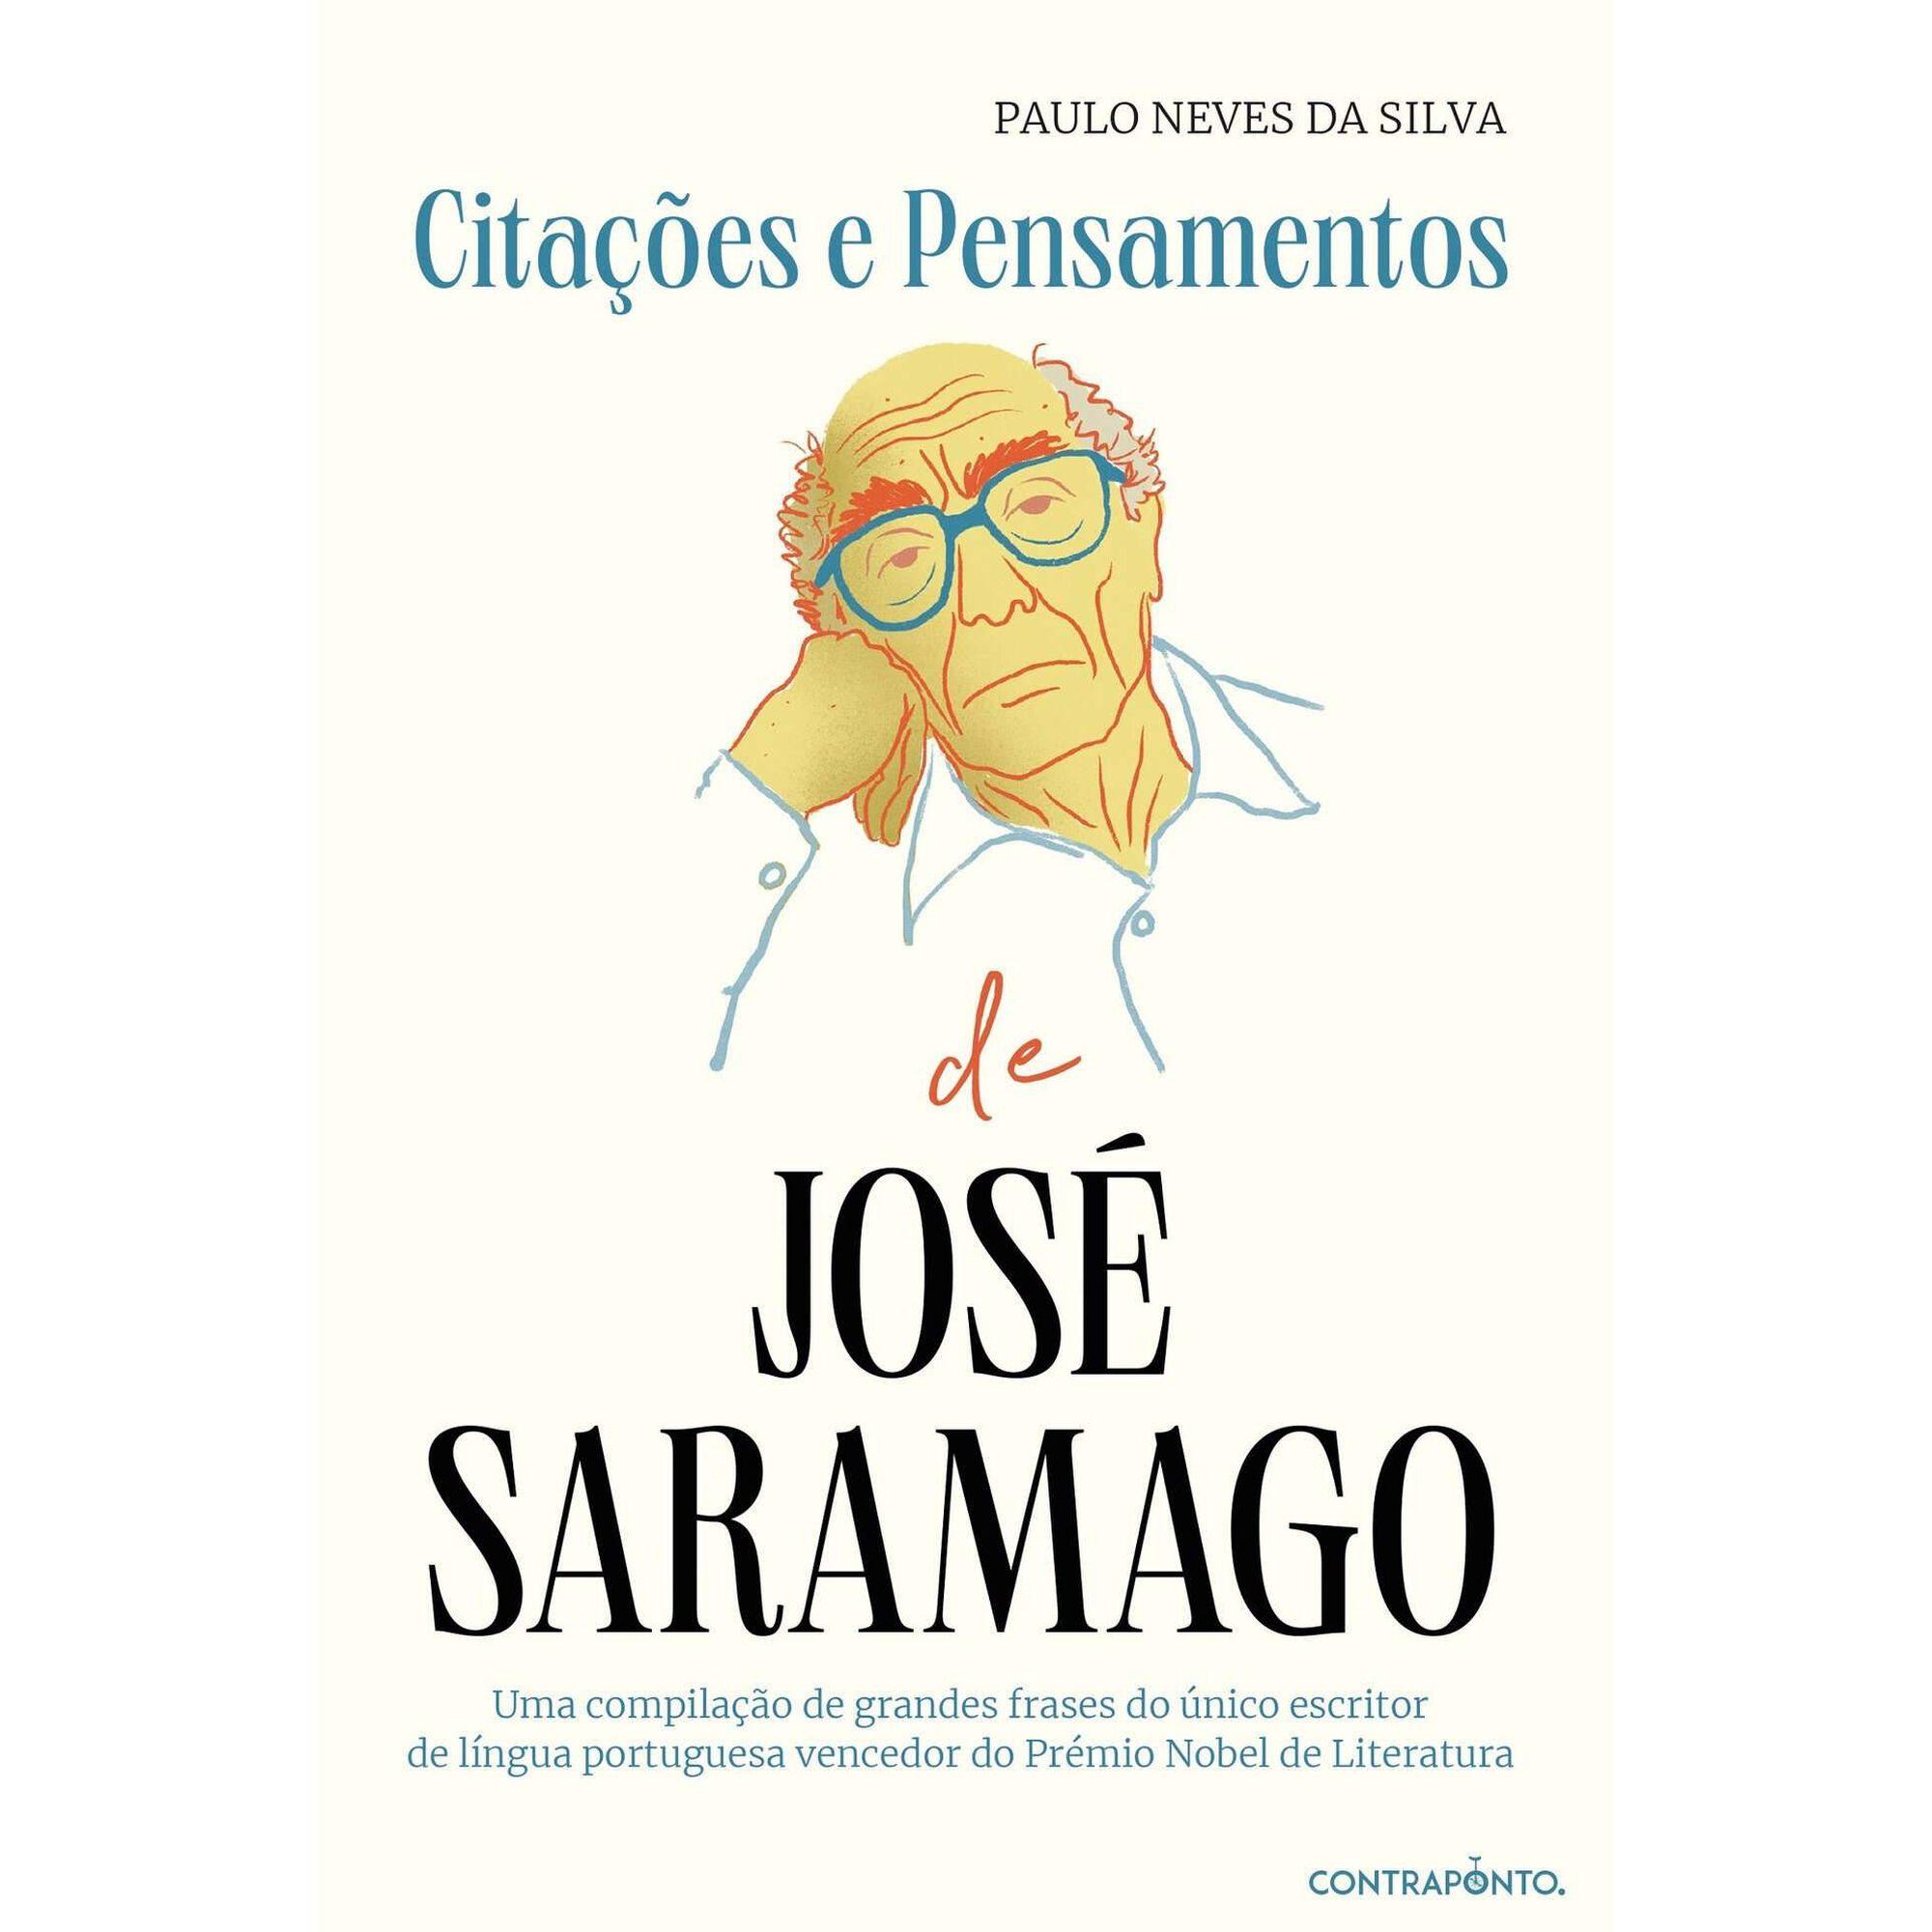 Citações e Pensamentos de José Saramago